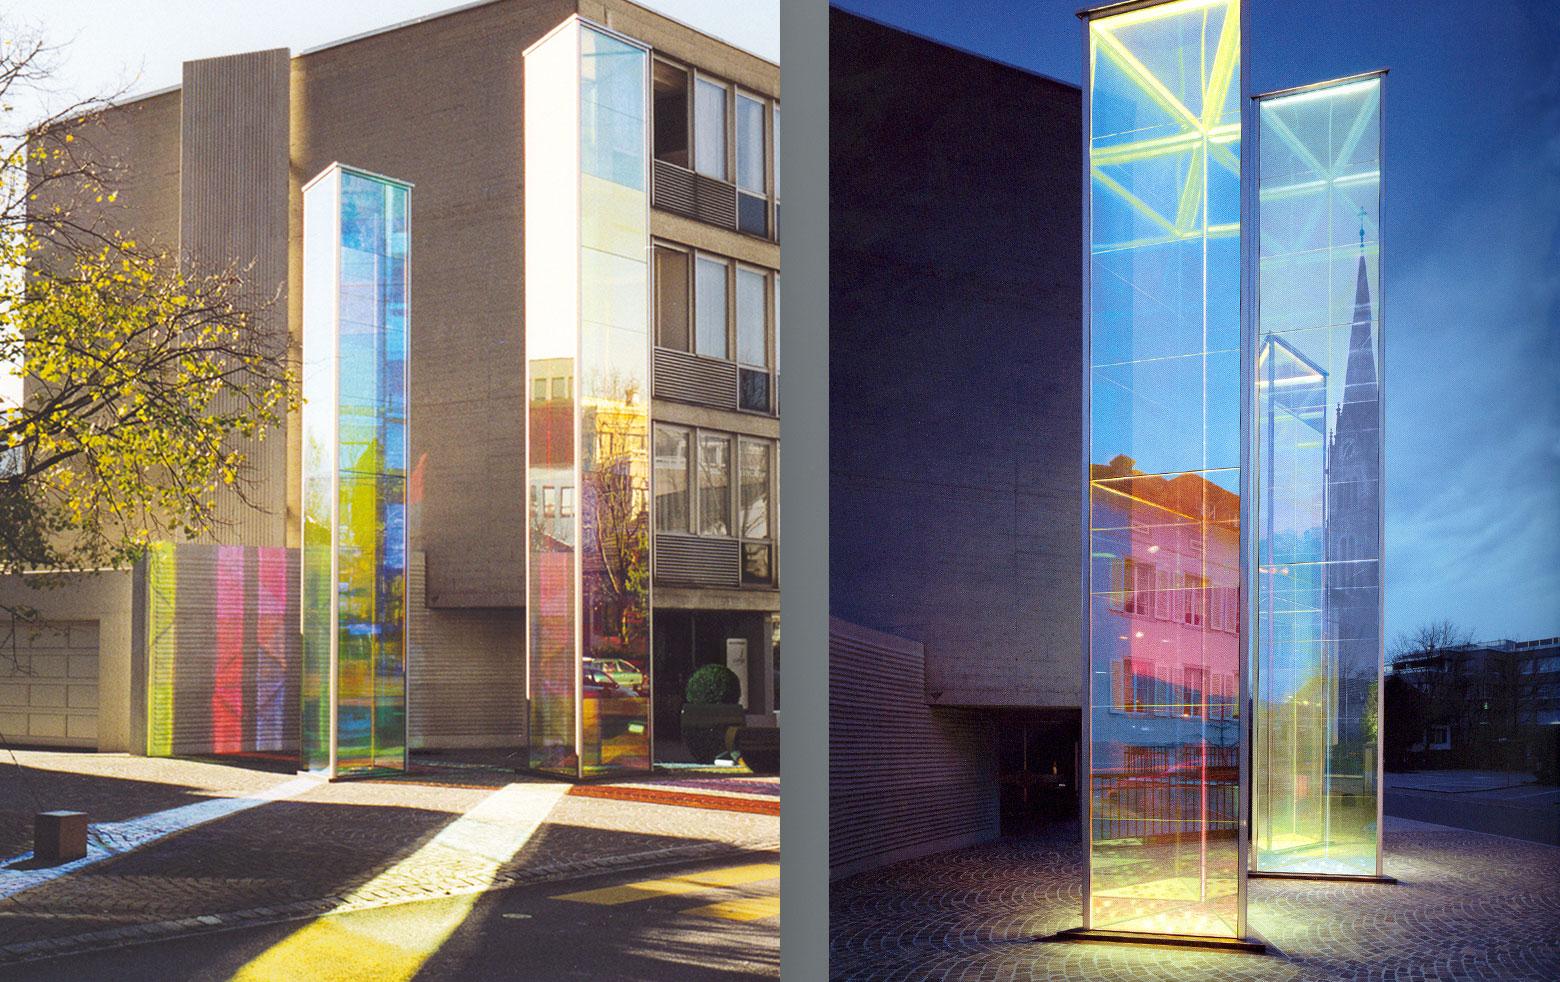 """Heinz Mack: """"Zwei Licht-Prismen"""" with dichroic glass"""